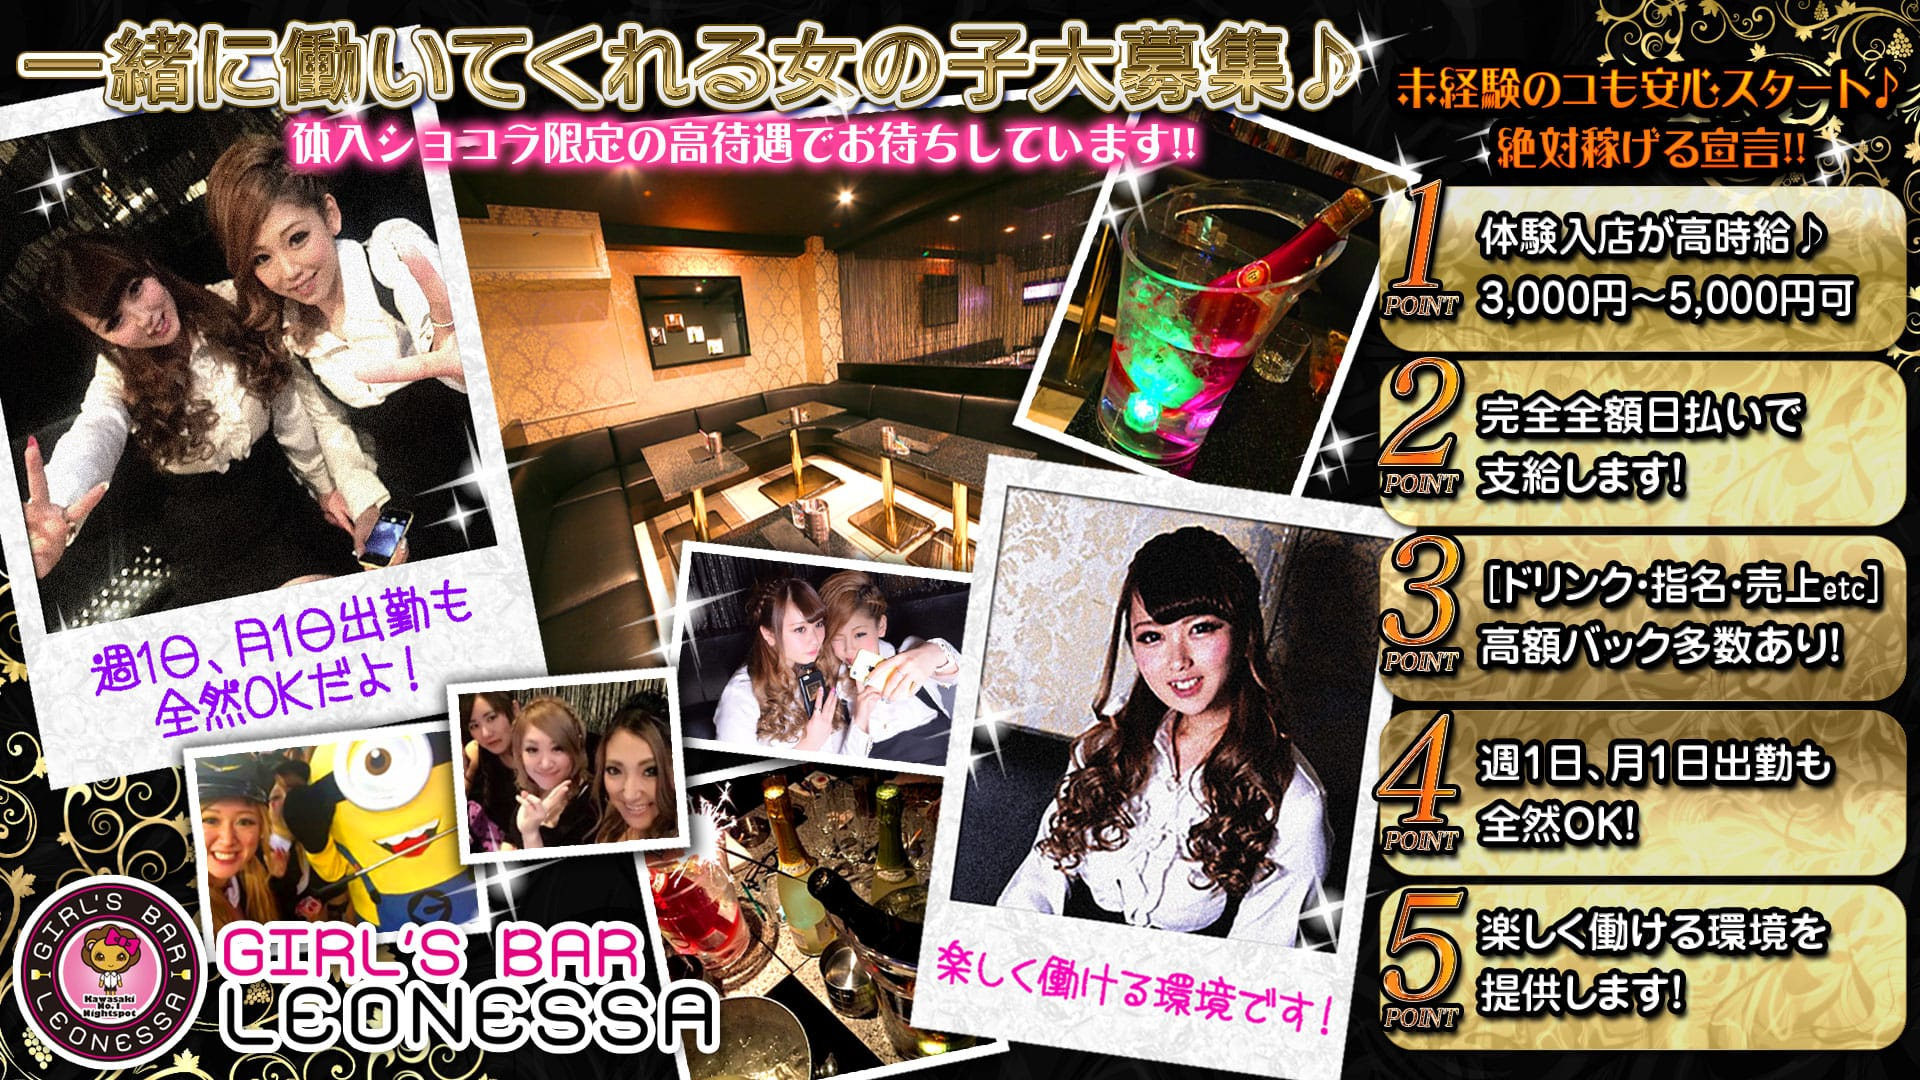 【川崎駅】LEONESSA(レオネッサ) 川崎ガールズバー TOP画像